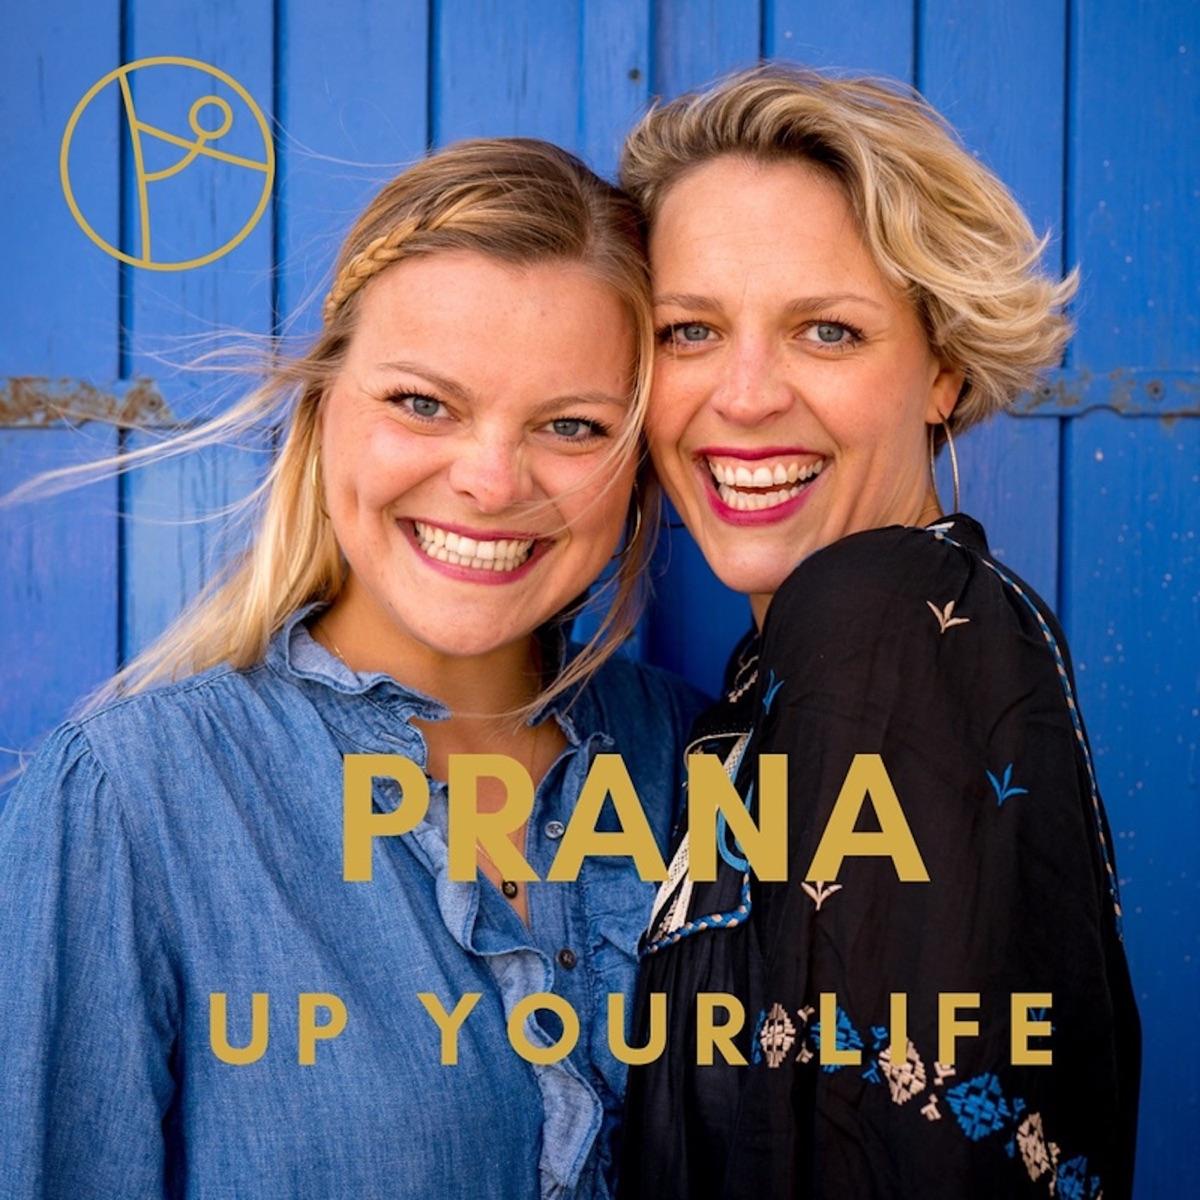 Prana up your Life. Dein Podcast für mehr Lebensenergie.